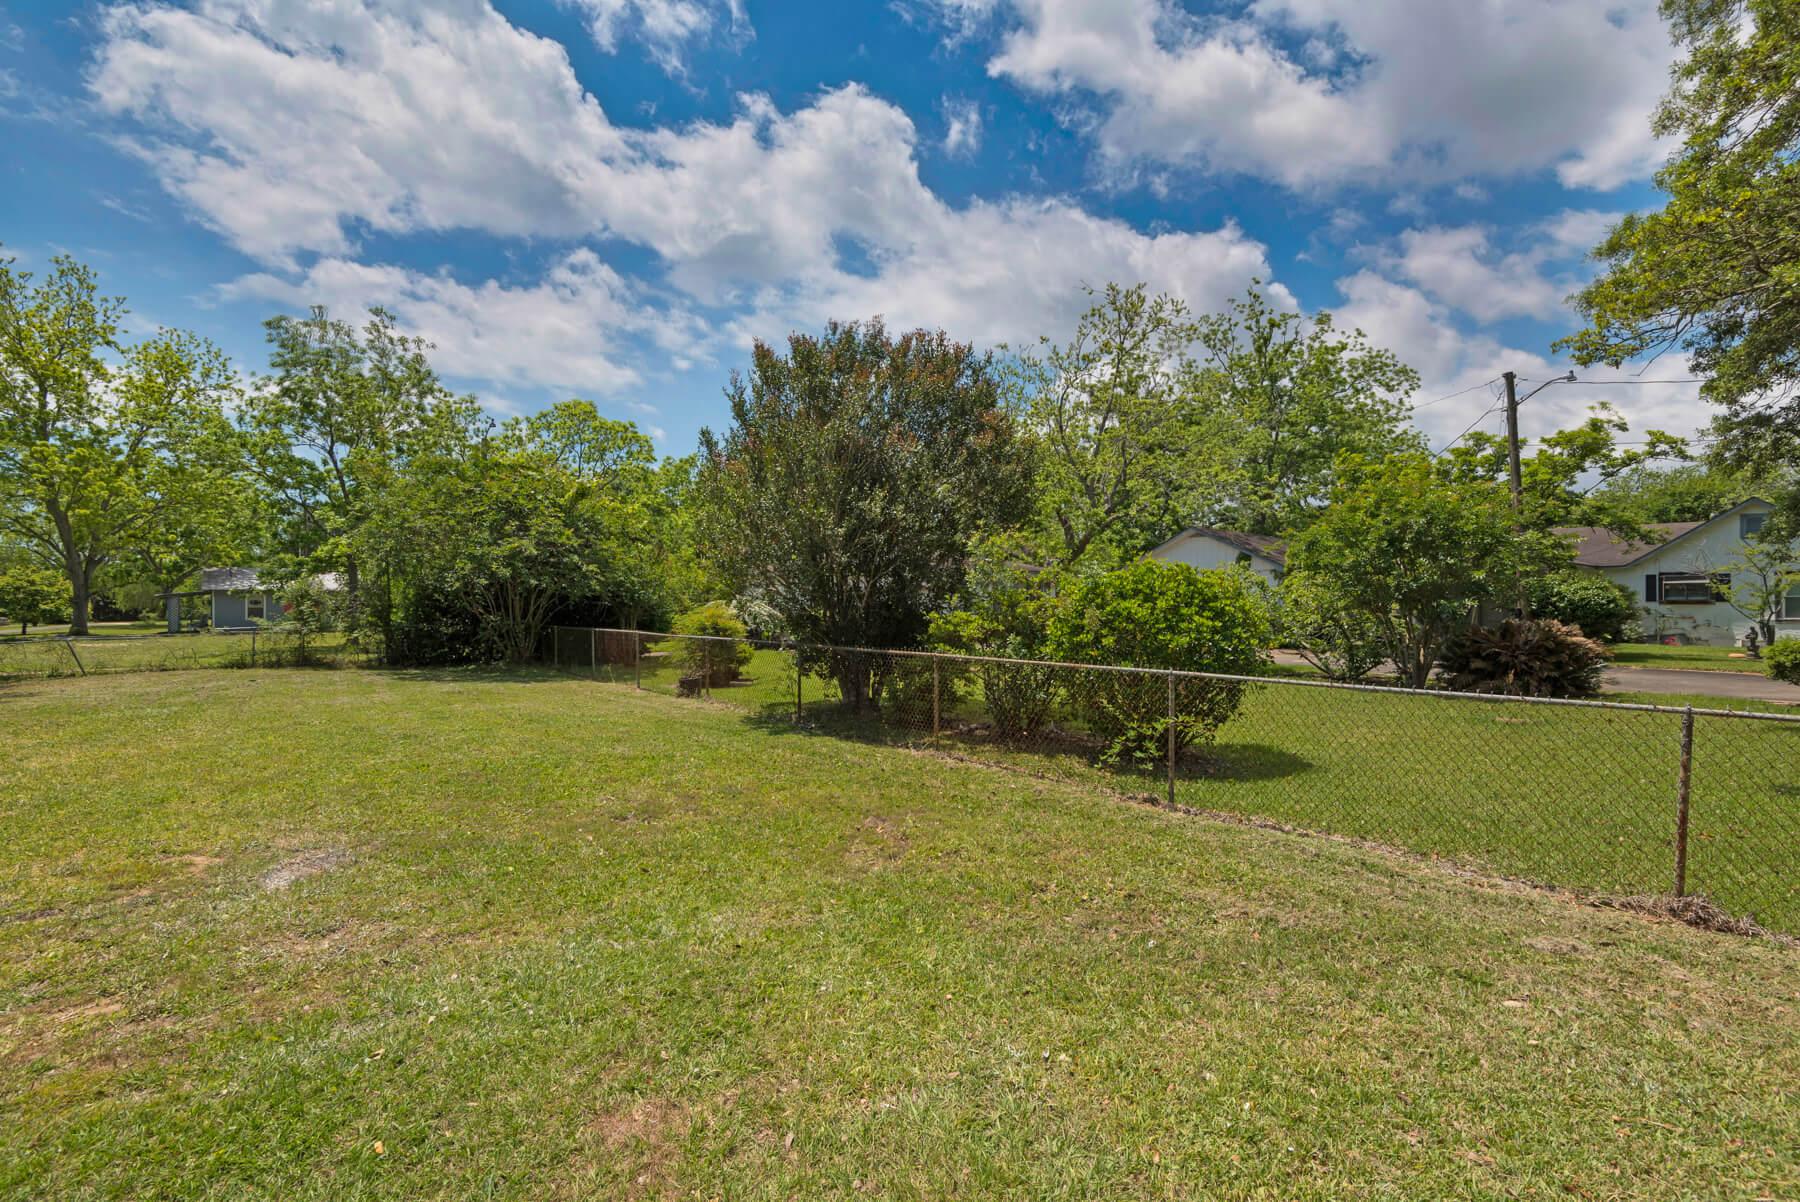 7466 Twin Beech Road Fairhope for Sale Urban Property backyard view 9